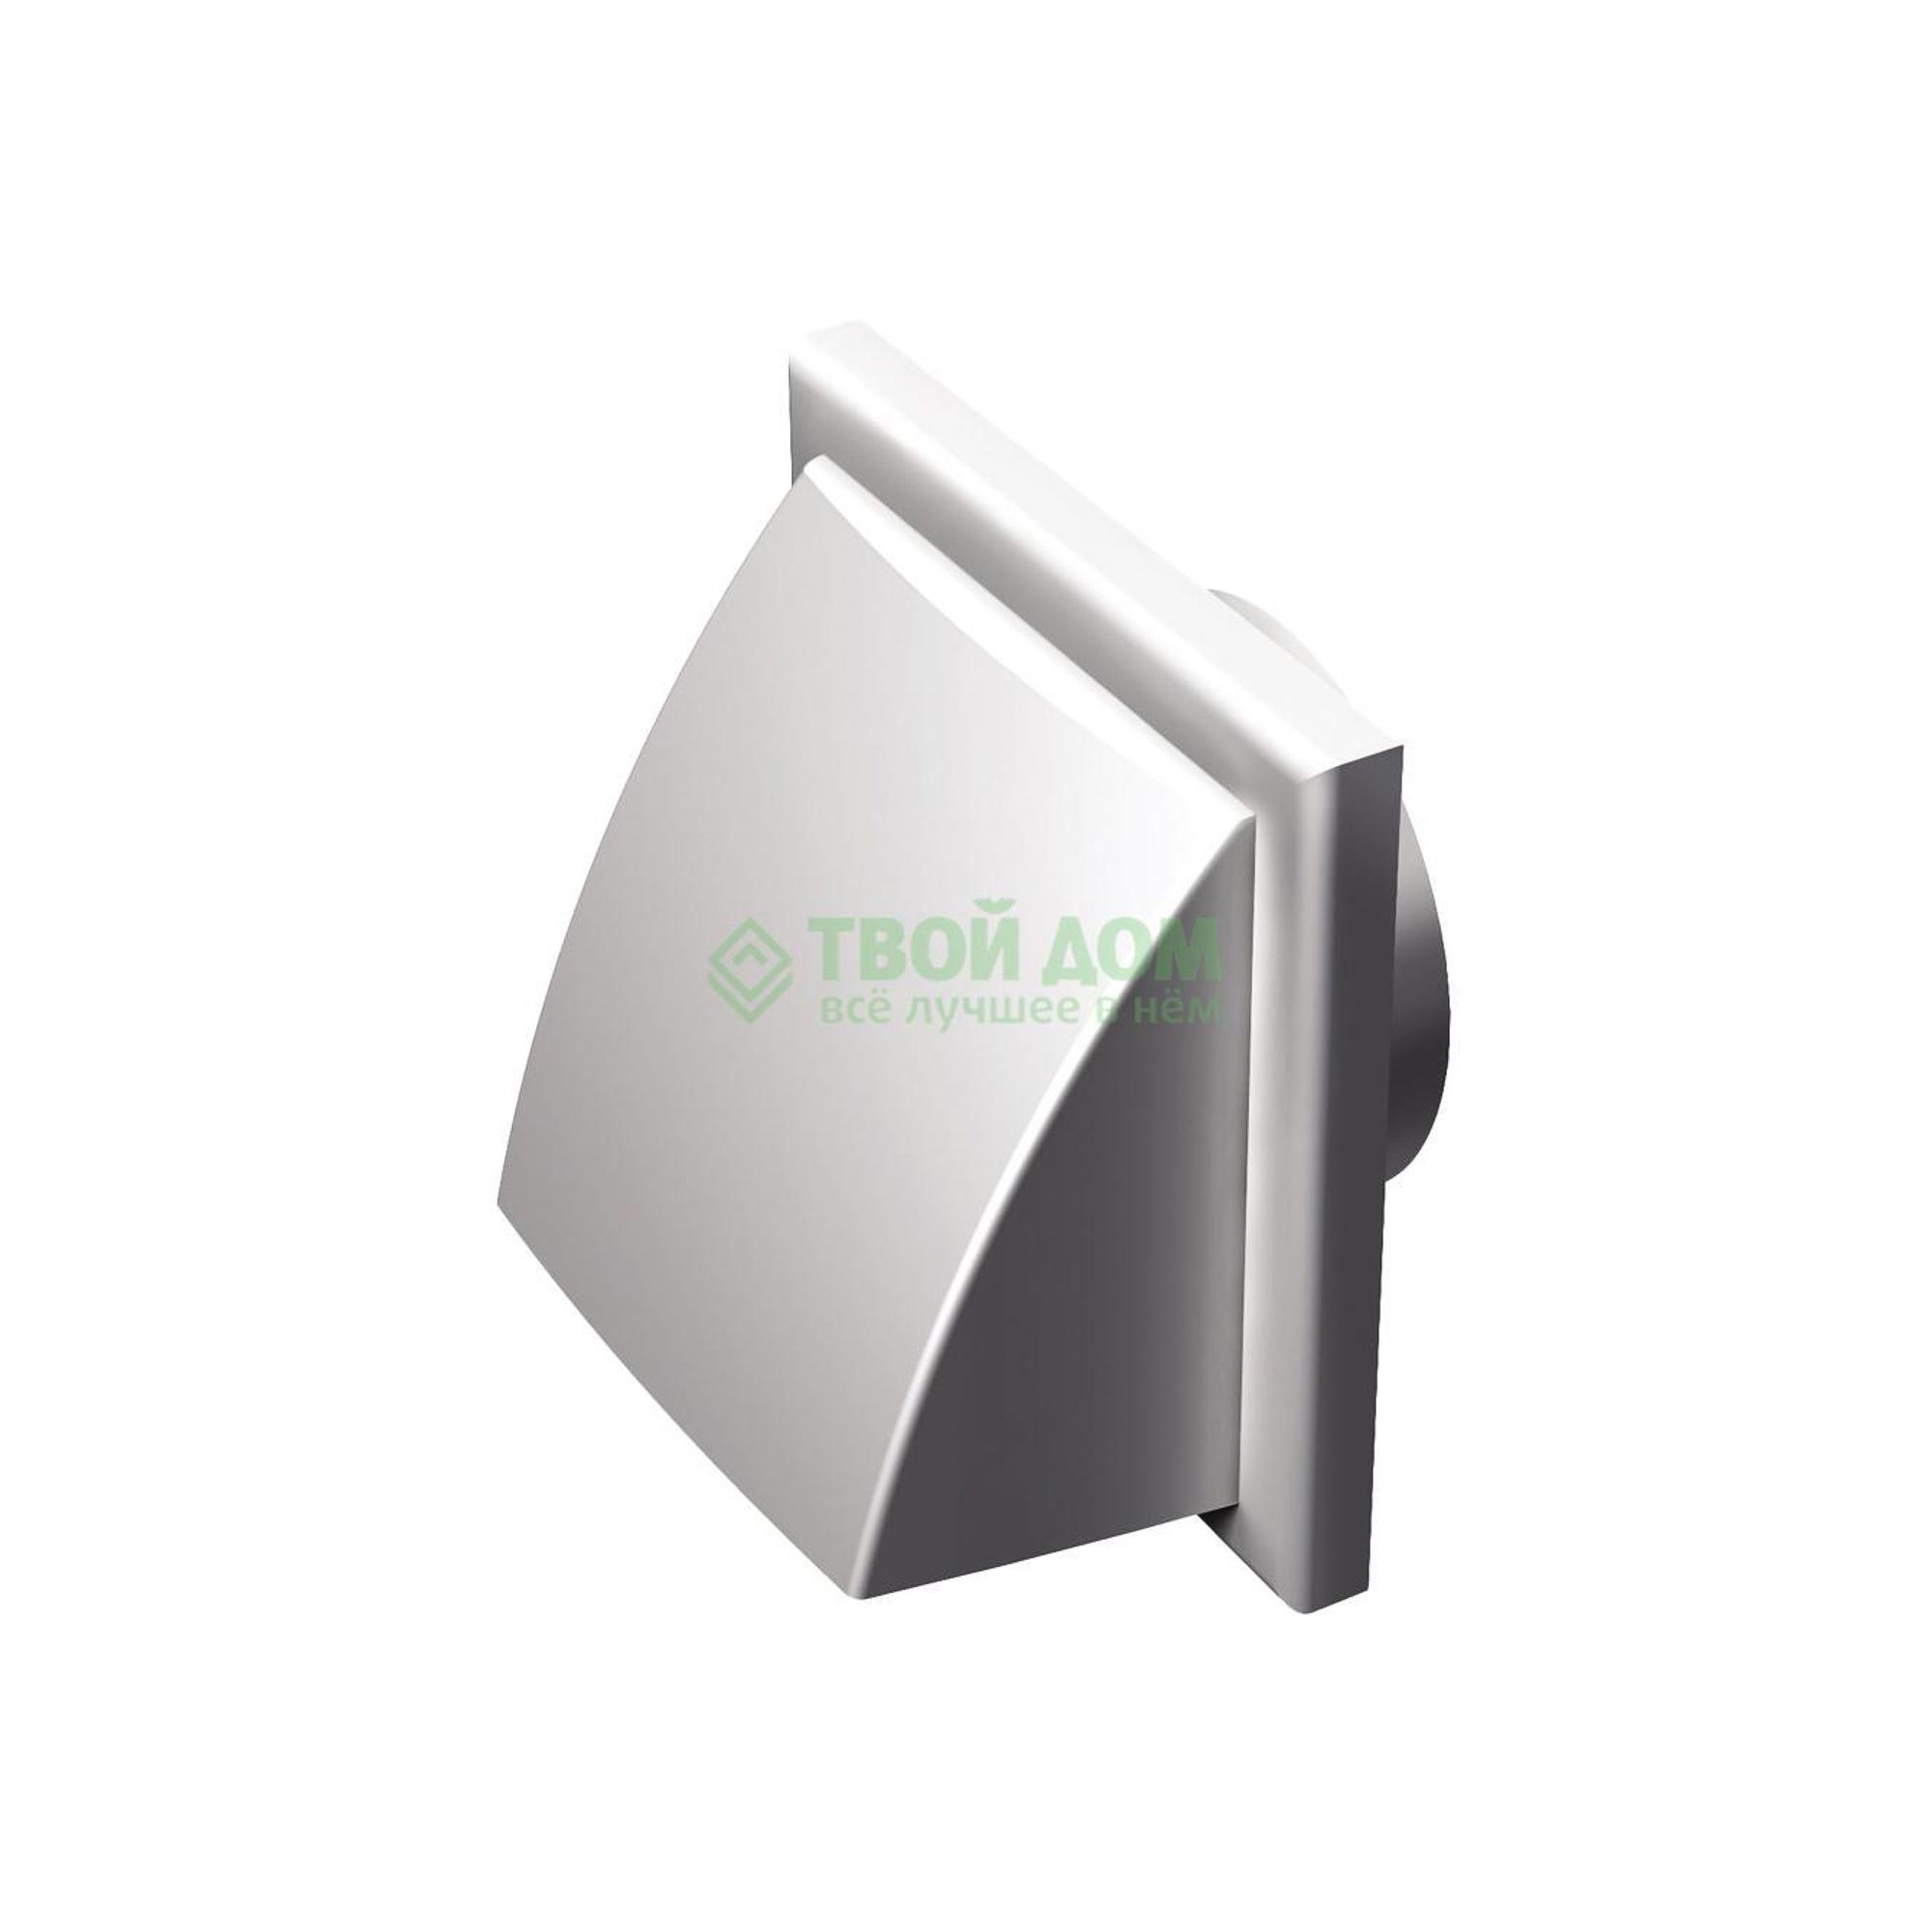 Вентиляционная решетка Вентс МВ 102 ВК